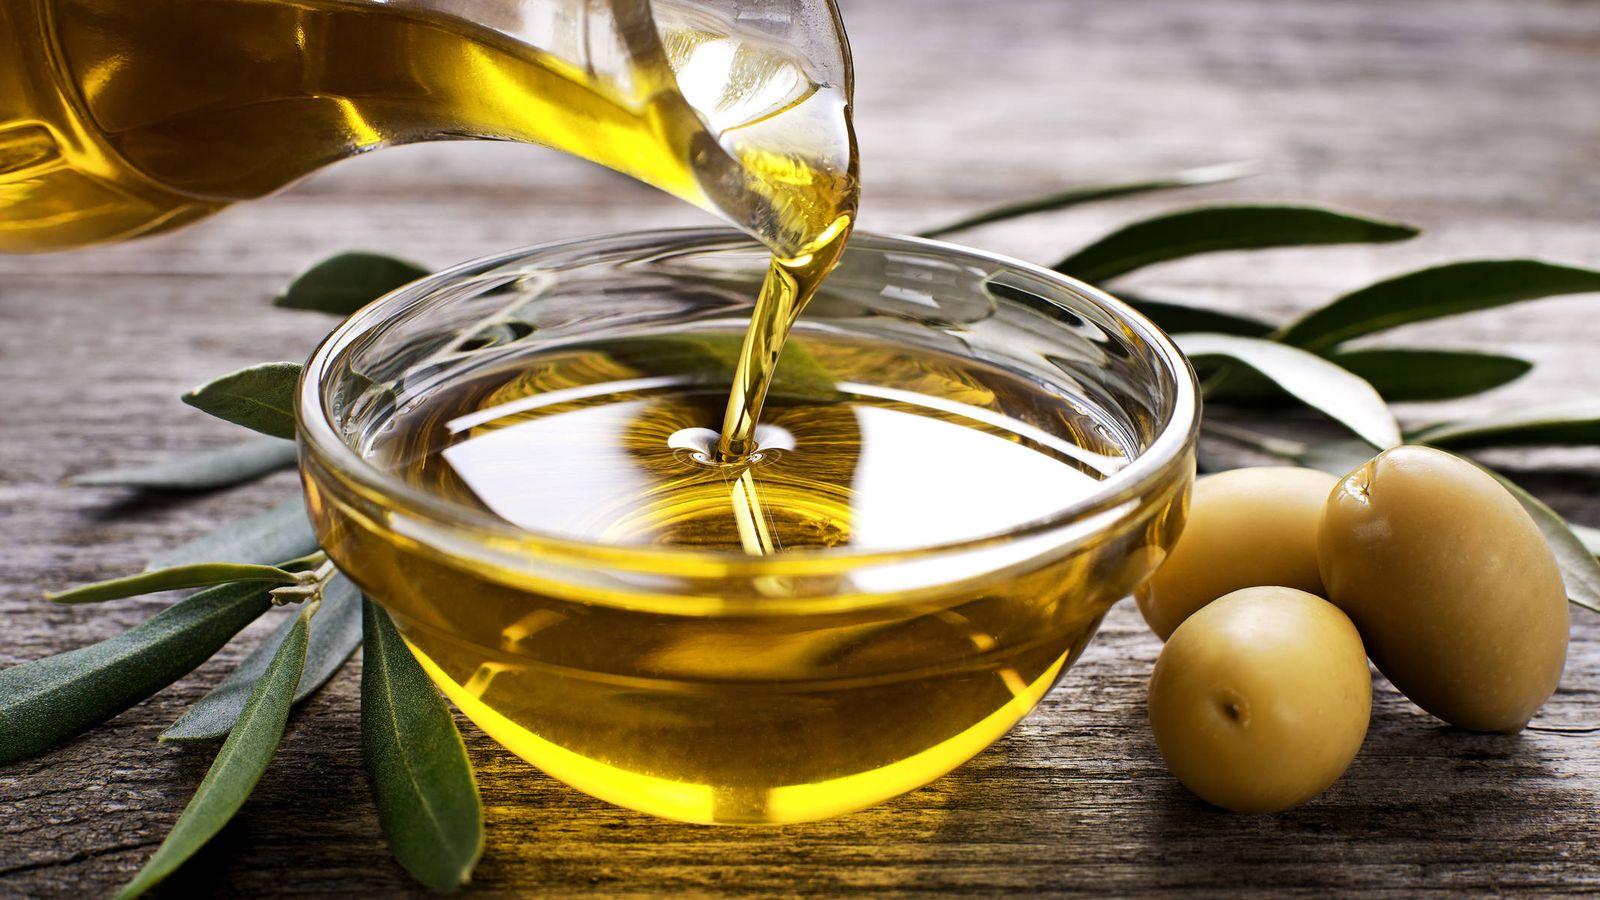 Foto: El aceite de oliva es rico en antioxidantes. (iStock)